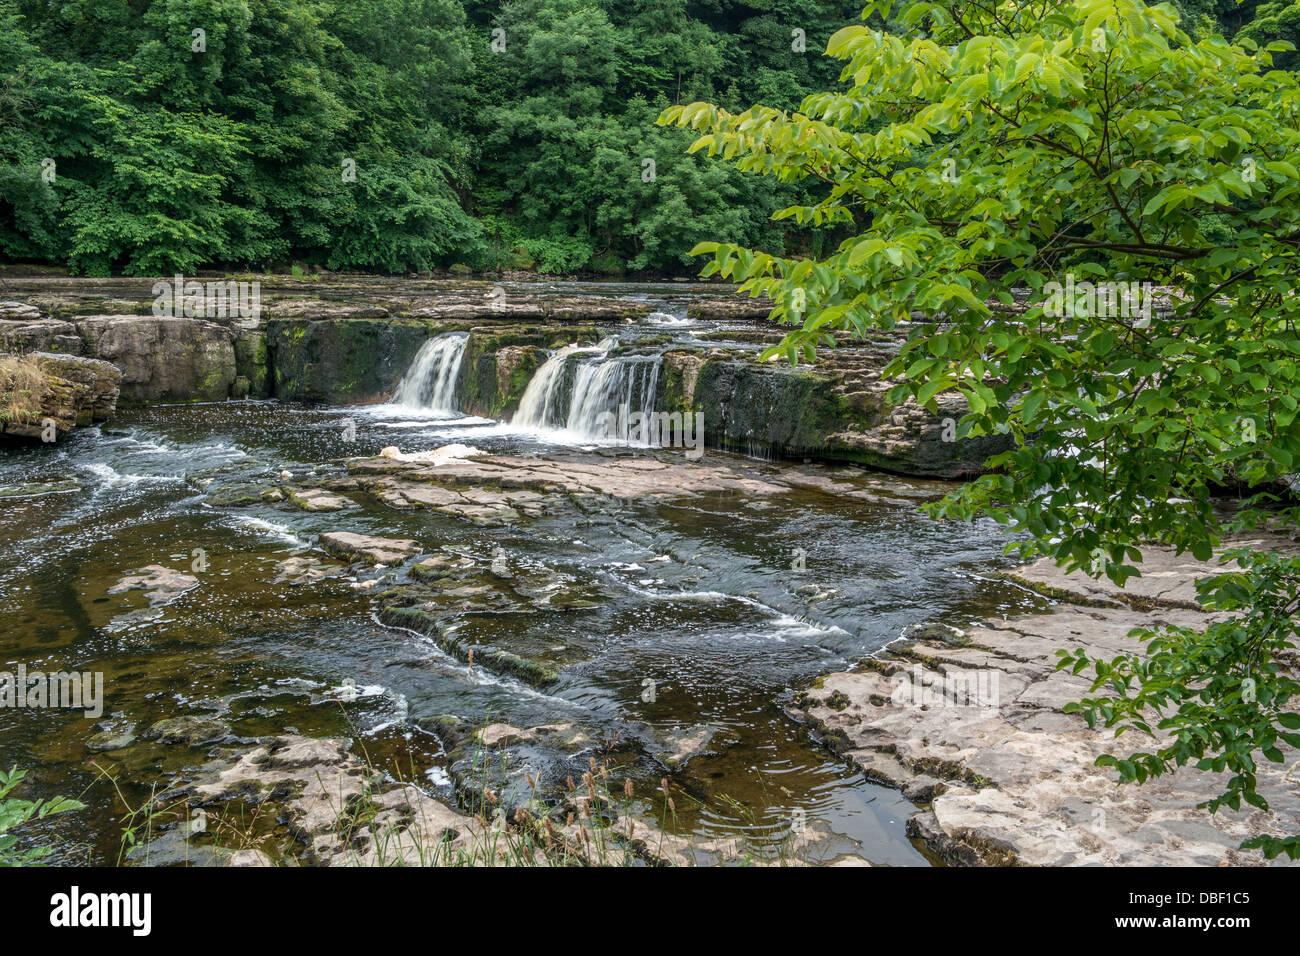 Aysgarth Wasserfälle, Wasser fließt über die Felsen, Stockfoto